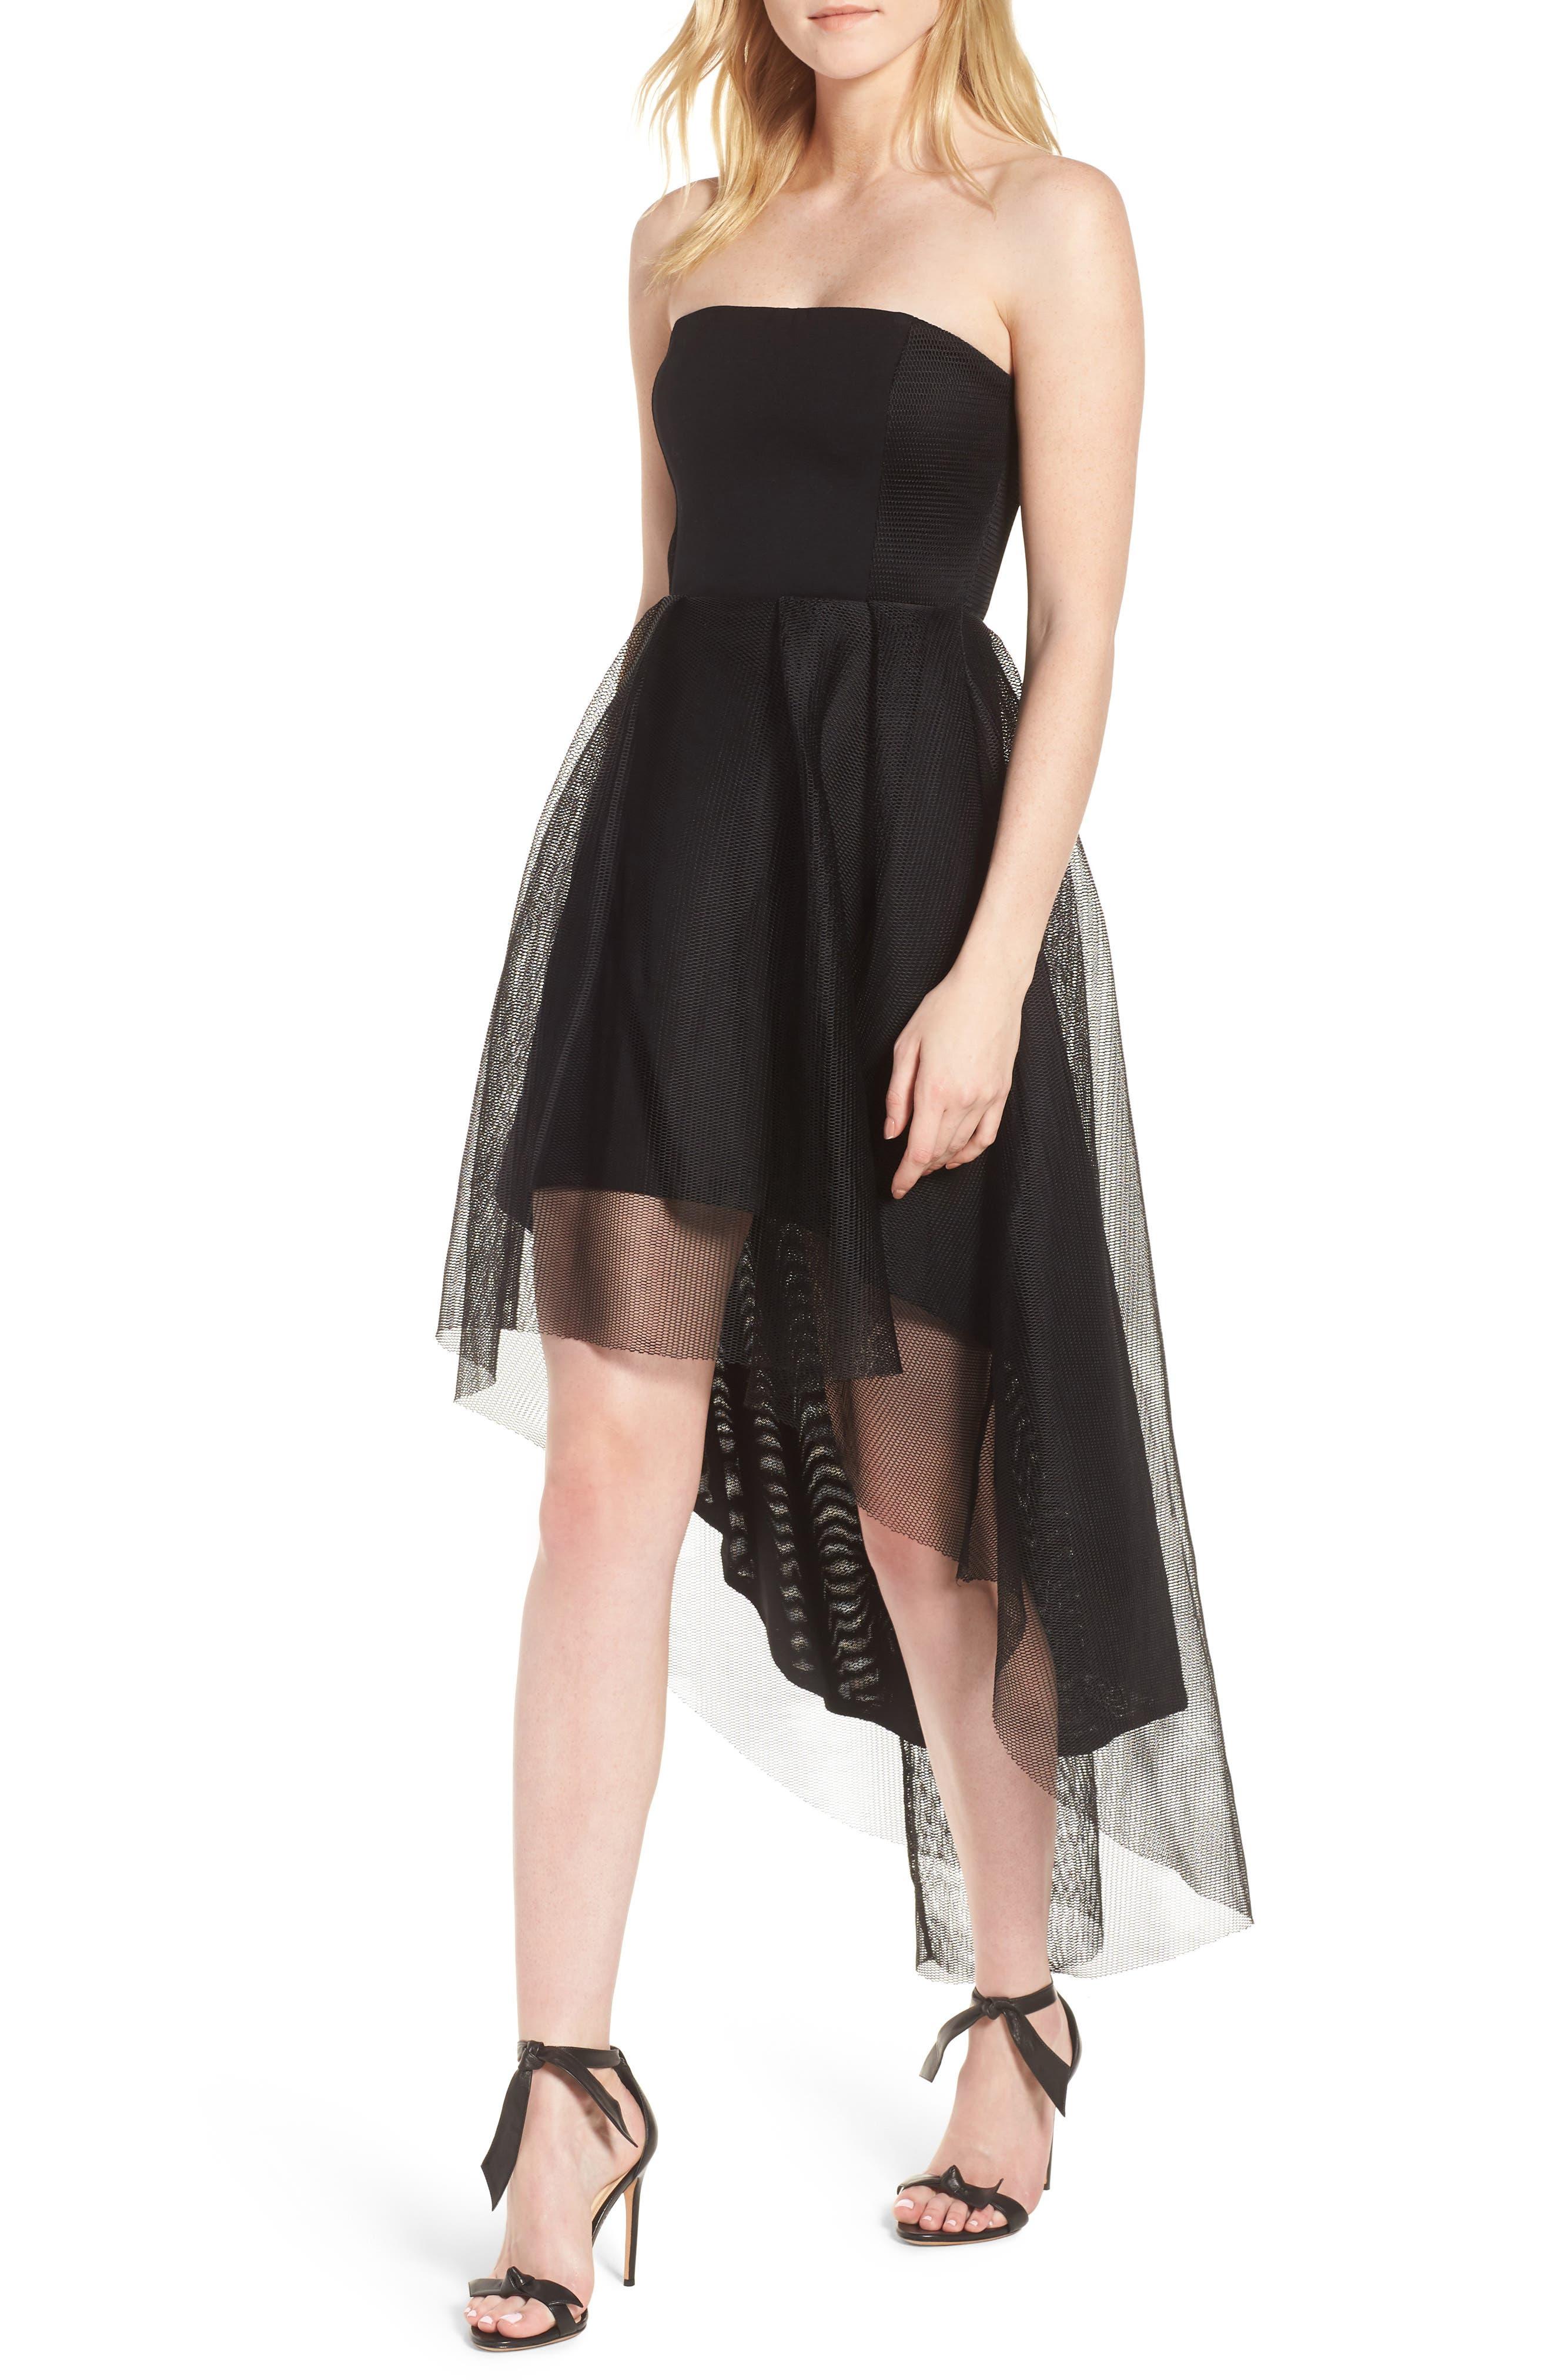 Alternate Image 1 Selected - Elliatt Elysian High/Low Dress